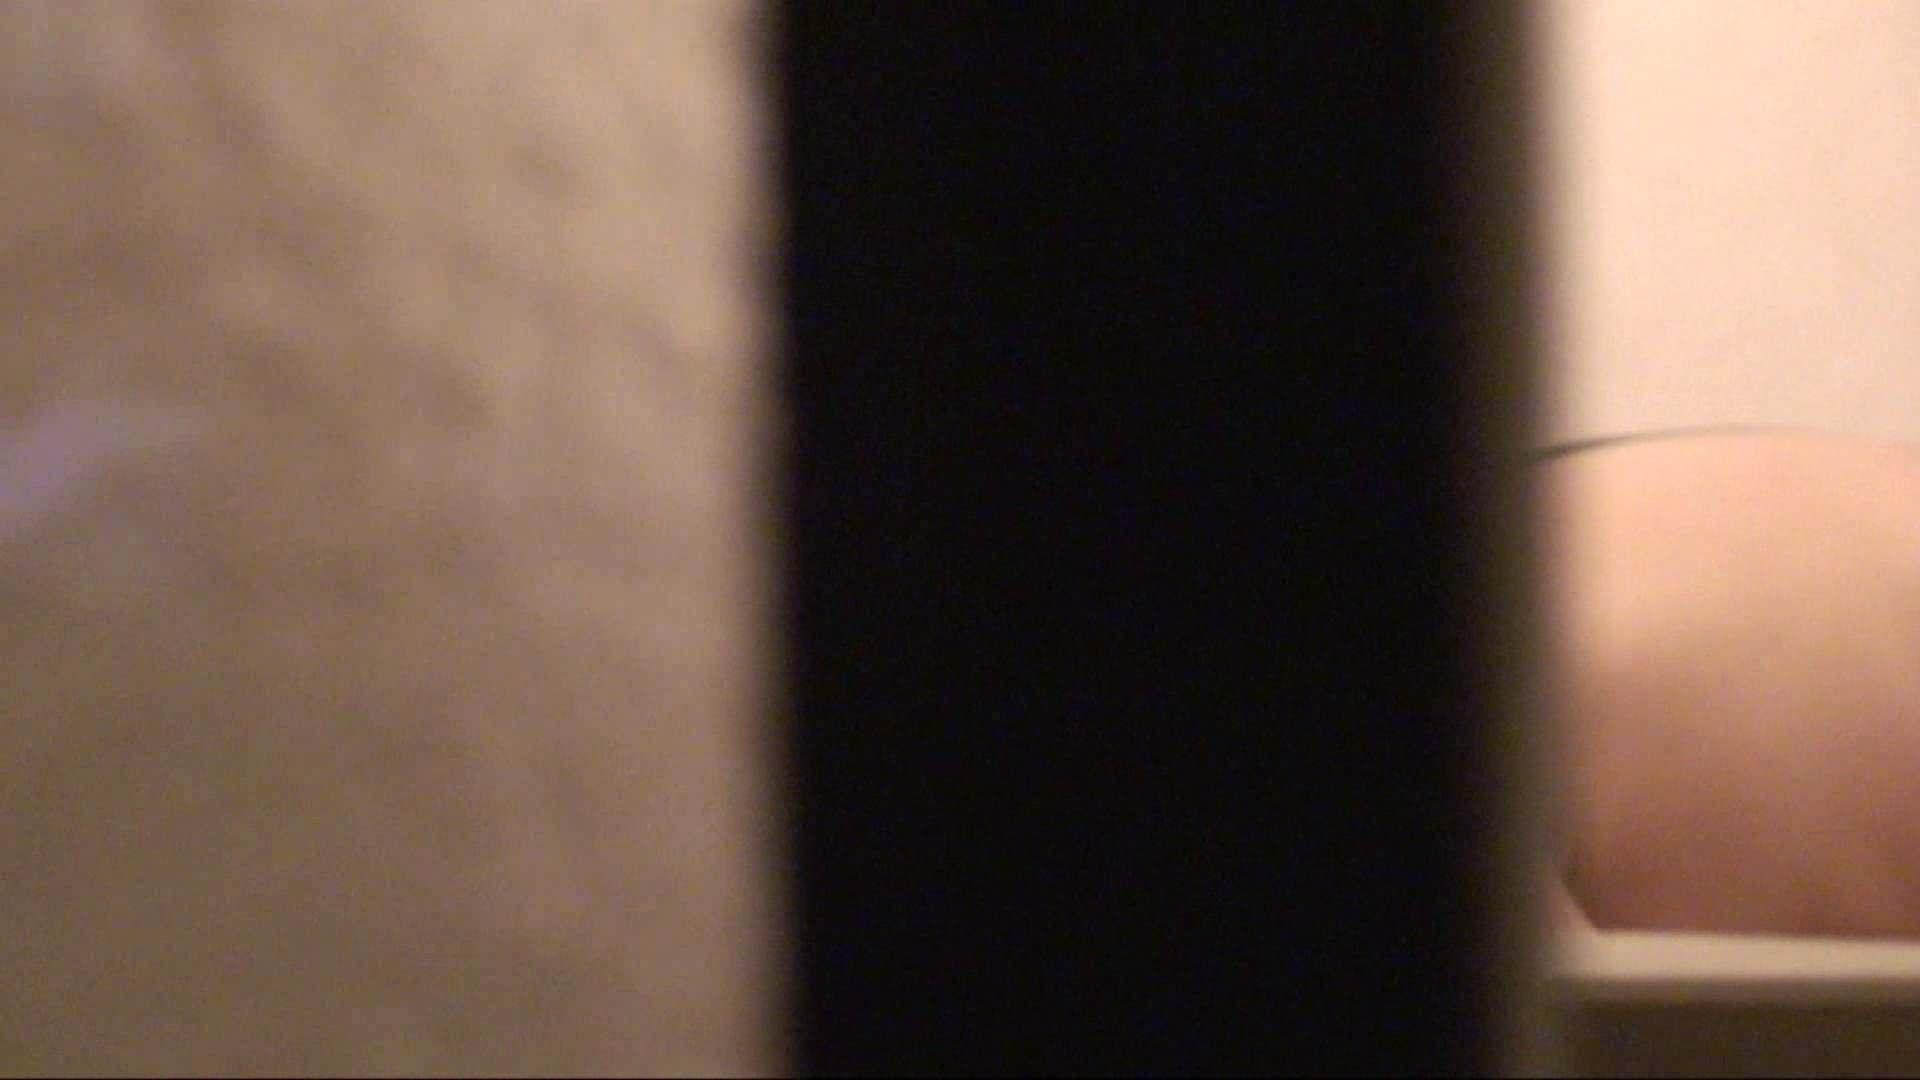 vol.01必見!白肌嬢の乳首が丸見え。極上美人のすっぴん顔をハイビジョンで! 盗撮 ぱこり動画紹介 89pic 59